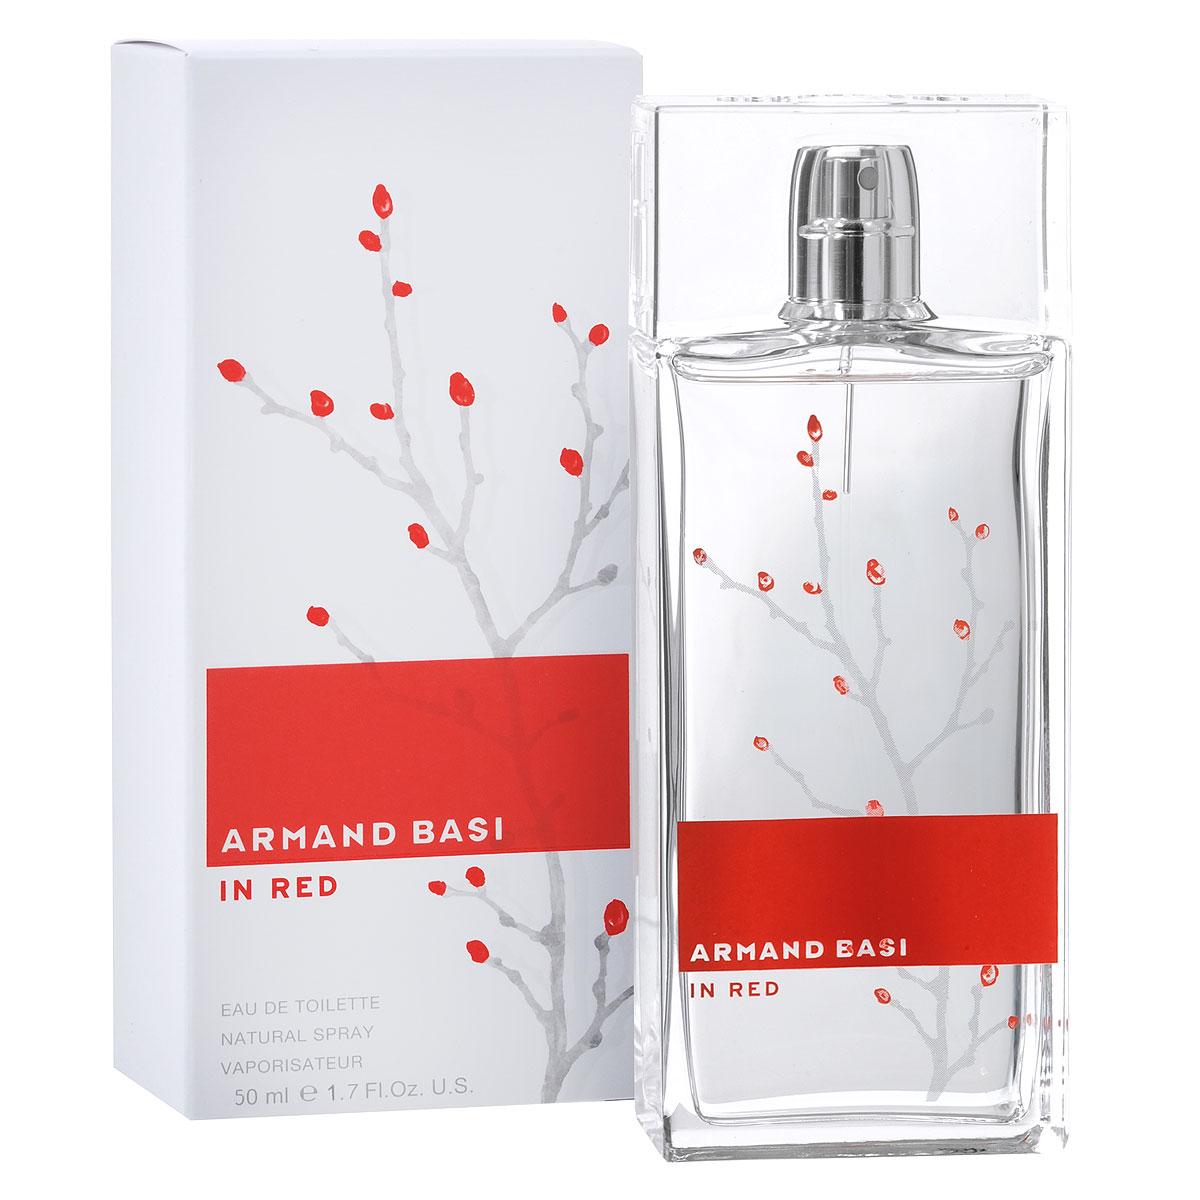 Armand Basi Туалетная вода In Red, женская, 50 мл17325До сих пор марка Armand Basi использовала только черный и белый цвет. Теперь используются и яркие оттенки. Средиземноморское солнце озаряет мир ярким светом - и в концепции Armand Basi In Red появляется красный цвет. Аромат Armand Basi In Red адресован женщине нашего времени: уверенной, подтверждающей свое право на индивидуальность, способной выразить свои чувства и эмоции - женщине нежной, но в то же время сильной и полной страсти. Открывают аромат ноты свежести цитрусовых, мандарина и бергамота в сочетании с пряными нотами имбиря и кардамона. Они являются прелюдией к цветочному сердцу аромата - комбинации оттенков розы, ландыша, жасмина и листьев фиалки. Благородный характер аромата гармонирует с чувственностью и богатством базовых древесных нот и белого мускуса. Классификация аромата : цветочный. Пирамида аромата : Верхние ноты: мандарин, имбирь, бергамот, кардамон. Ноты сердца: жасмин, листья фиалки,...